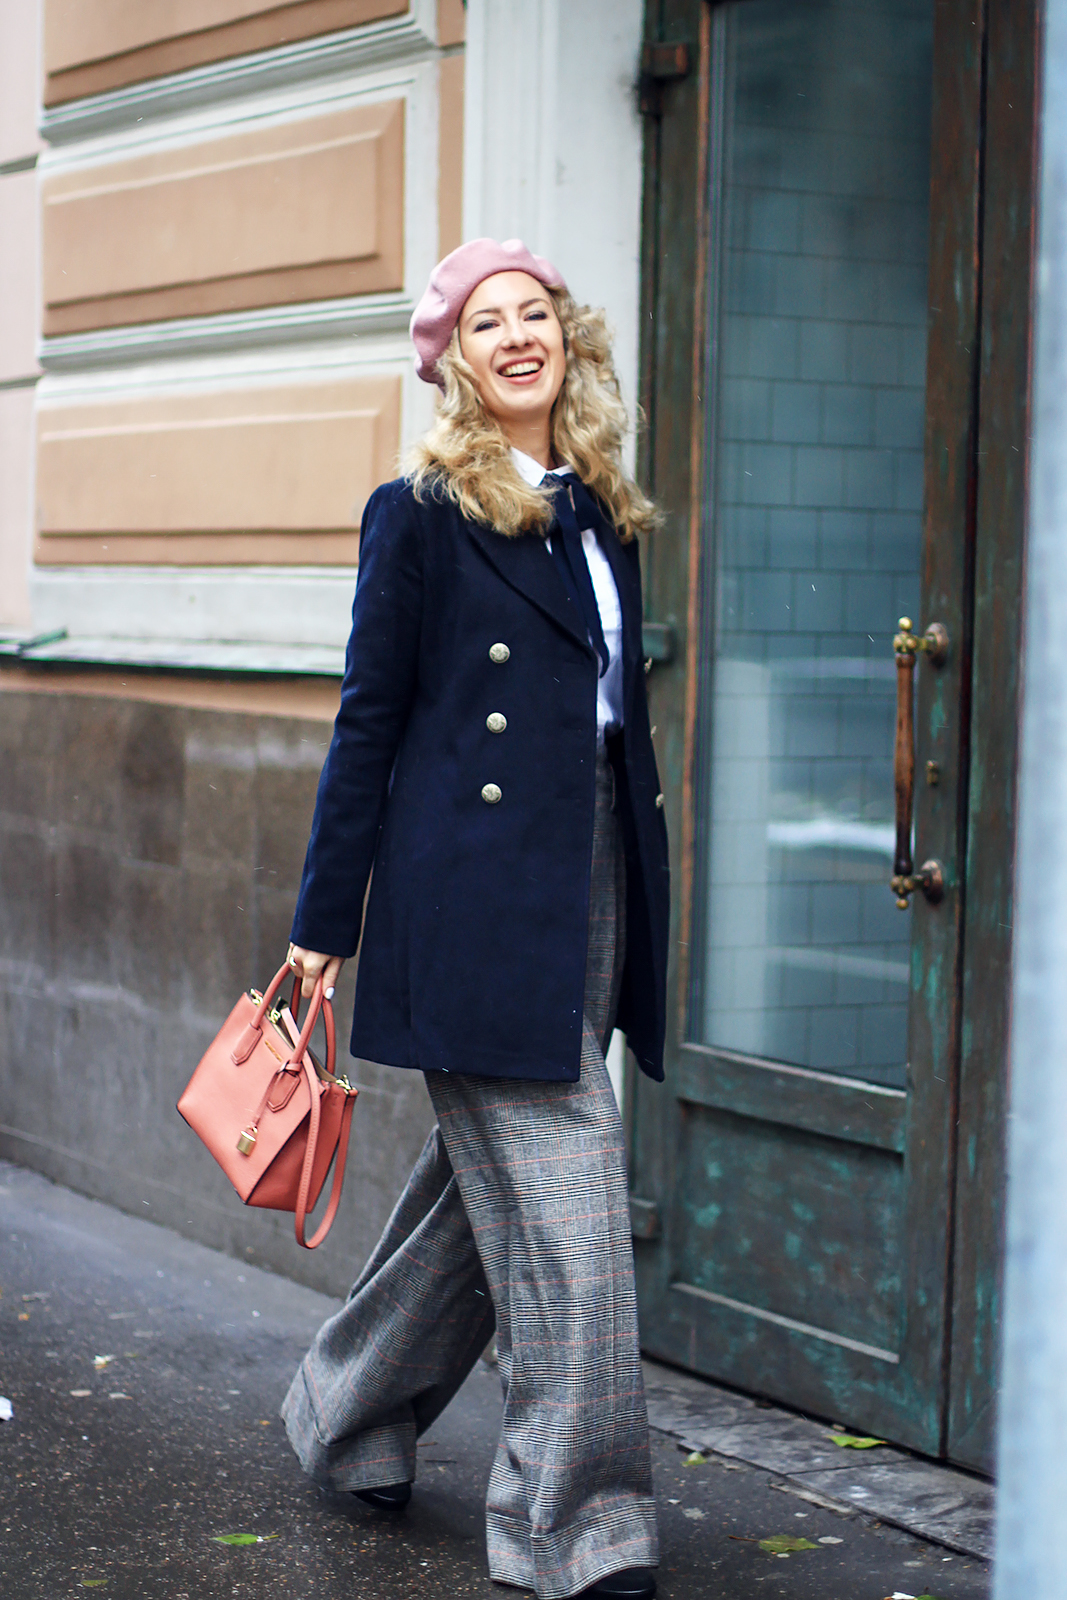 margarita_maslova_military_coat_zara_pants_pink_michael_kors_bag_beret_streetlook